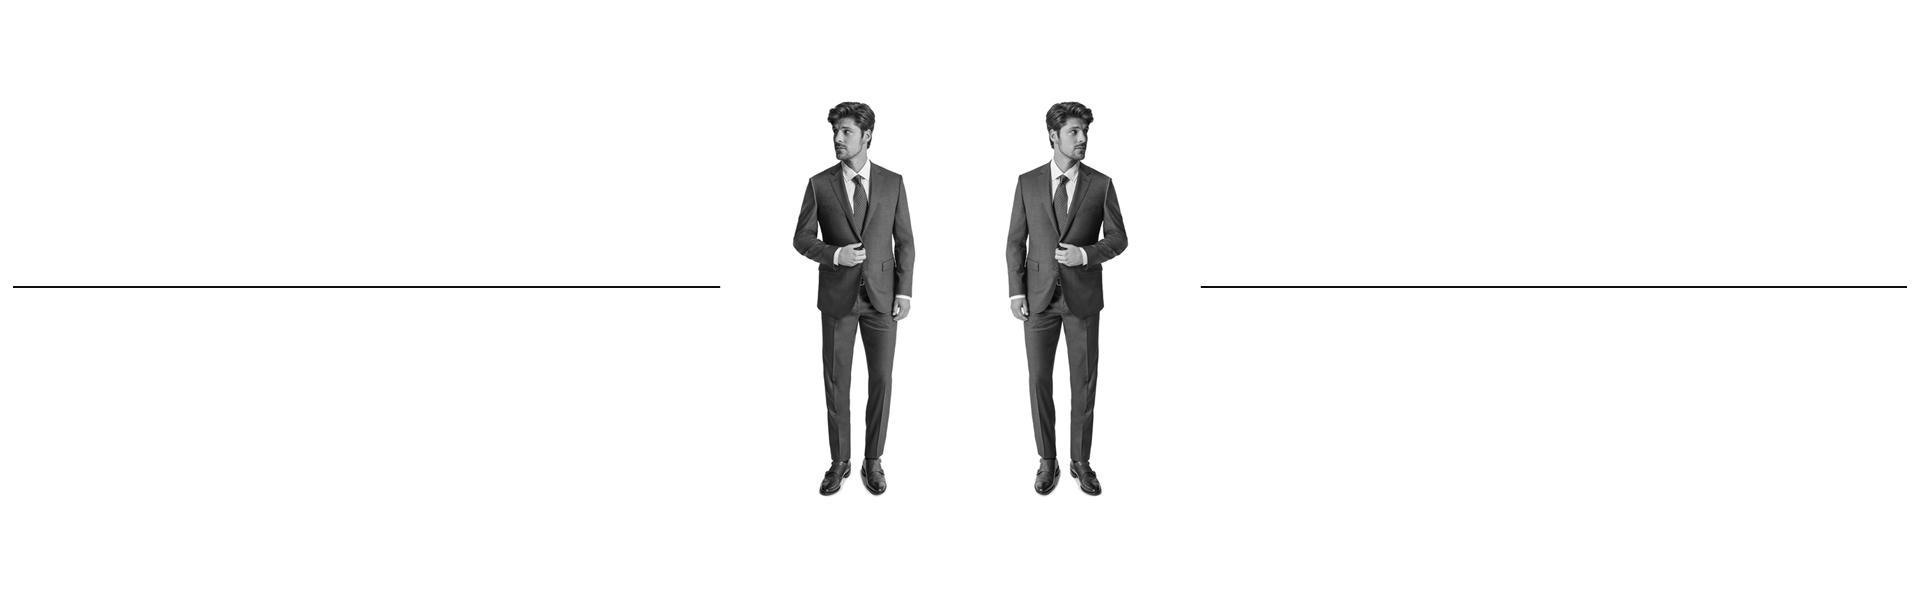 2-suit-header.jpg